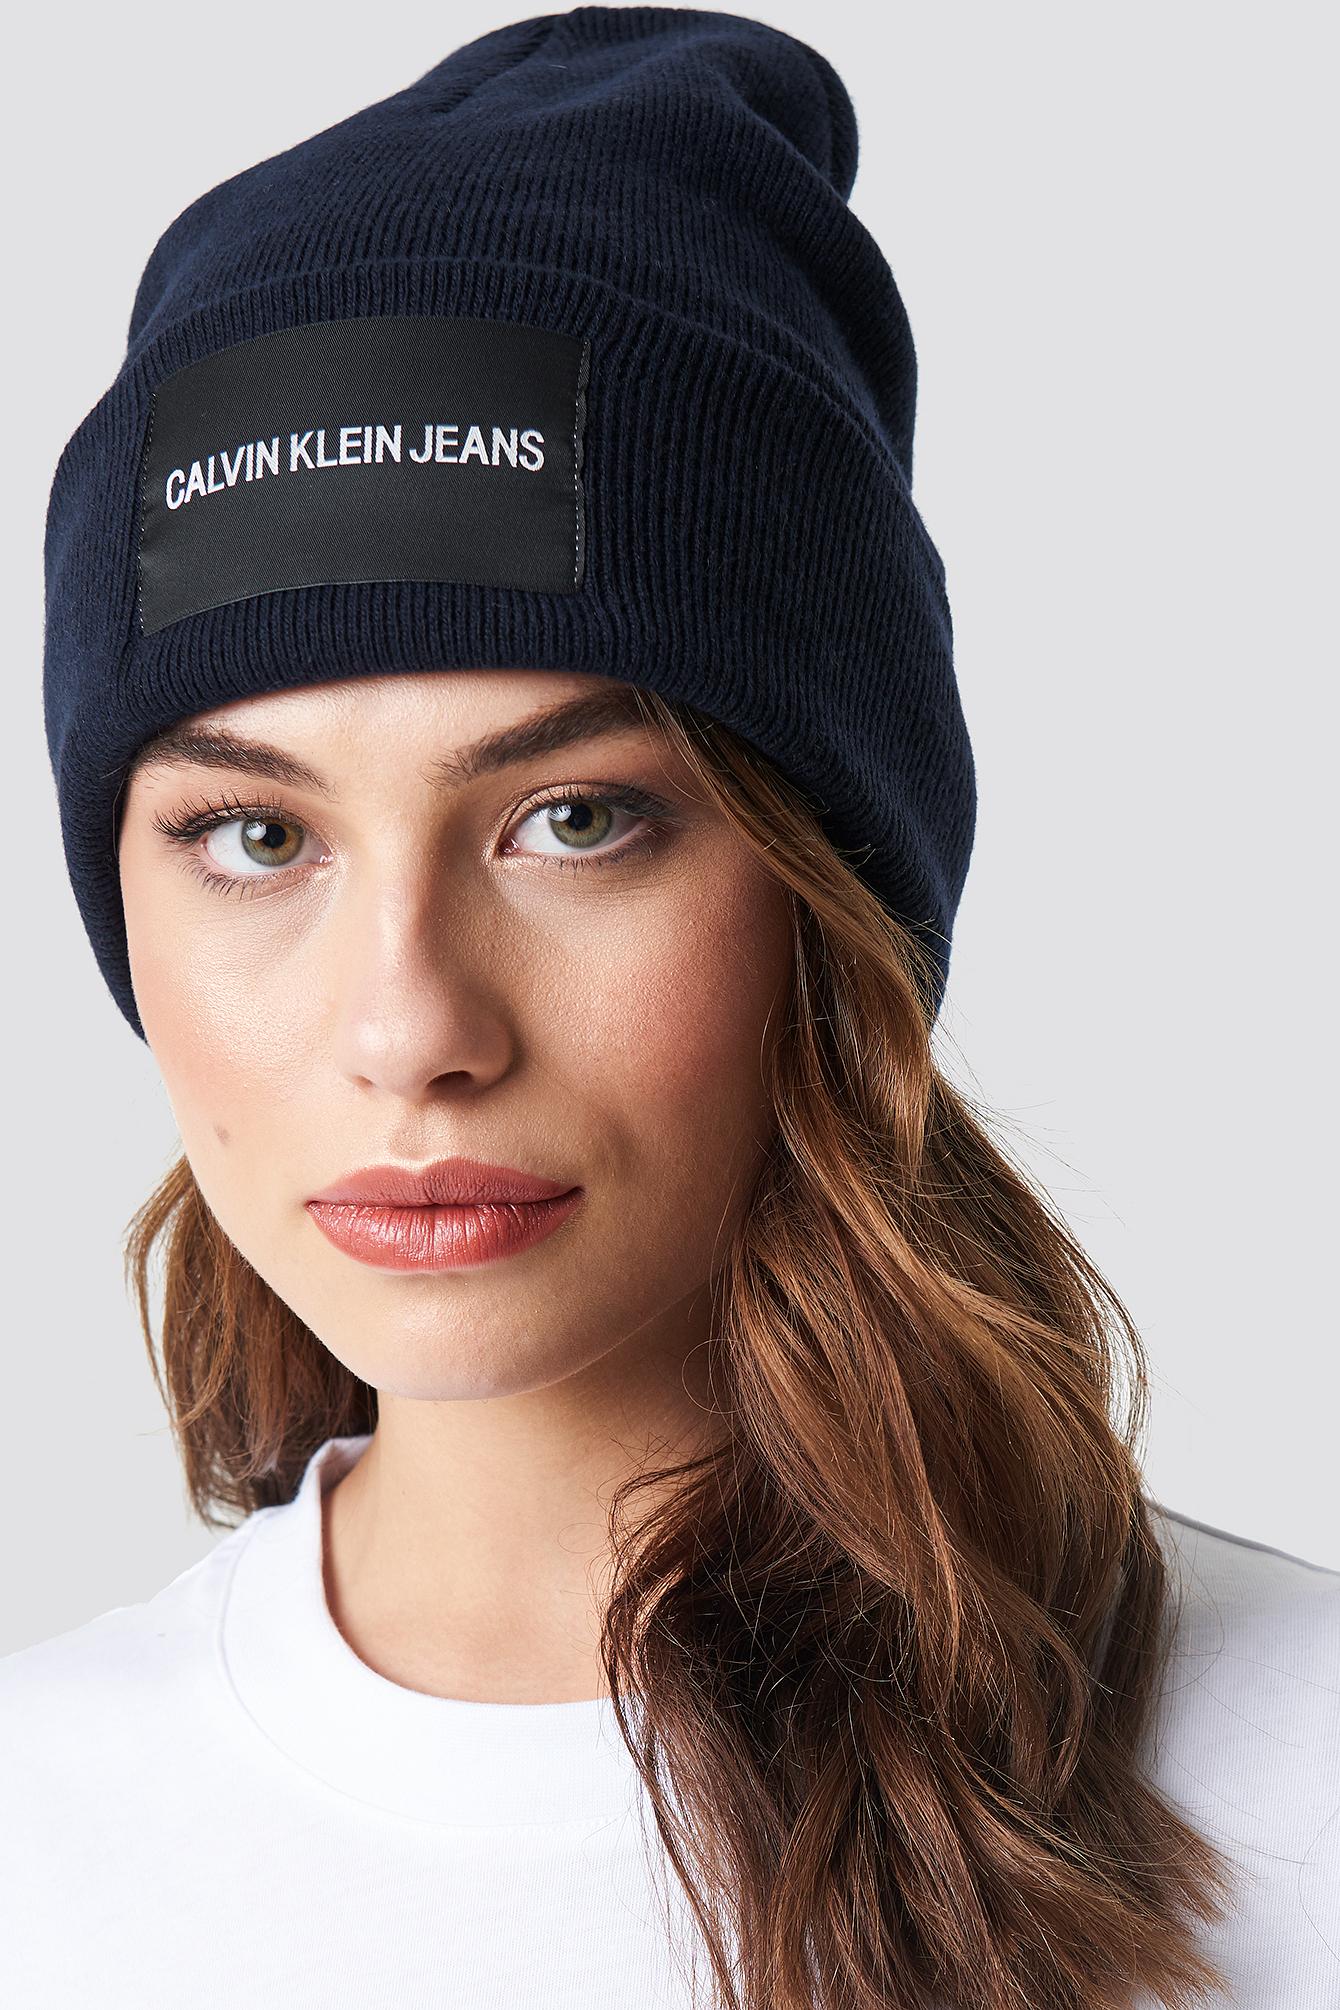 J Calvin Klein Jeans Beanie W NA-KD.COM